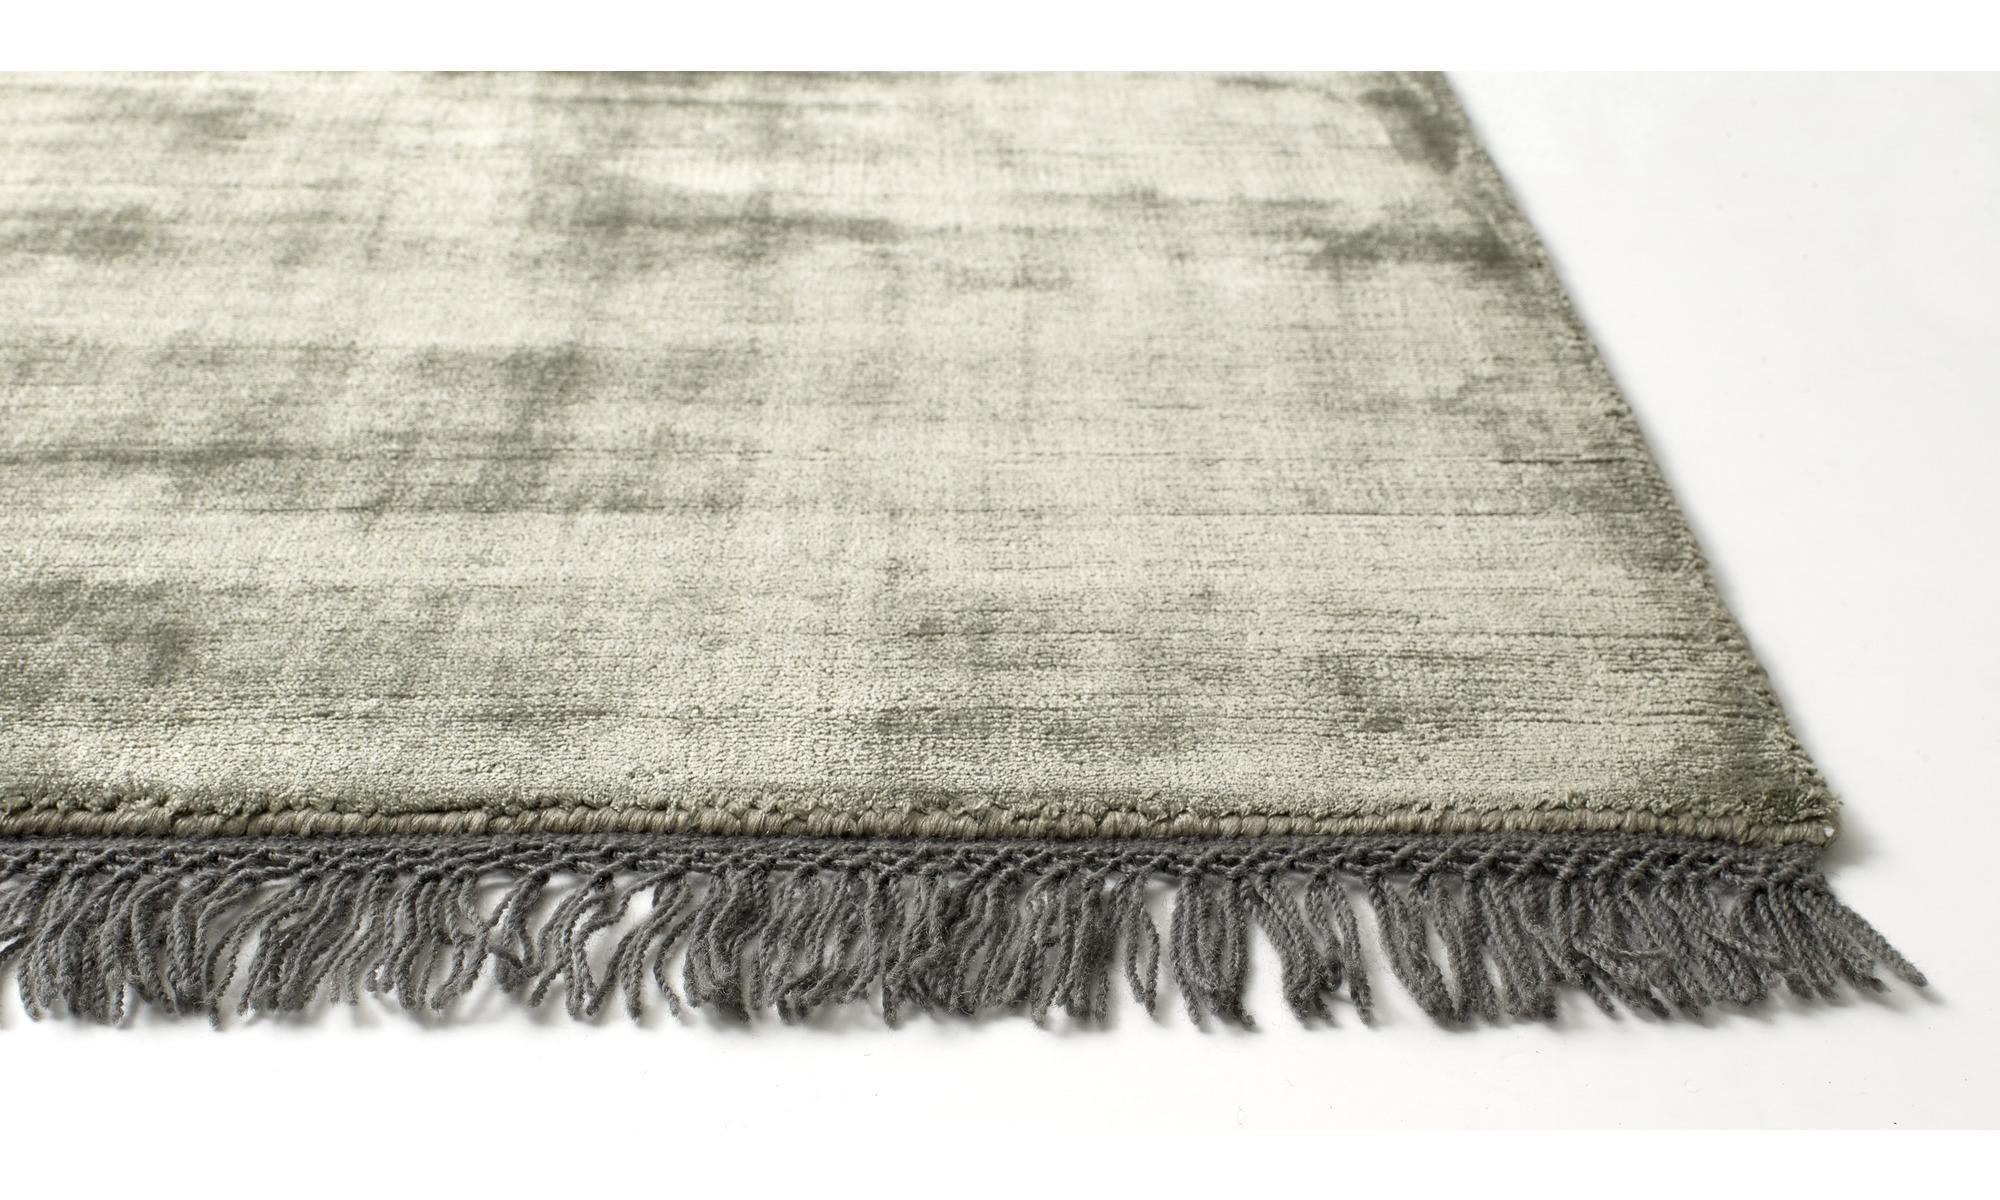 Teppiche Rosenheim rechteckige teppiche totoki teppich boconcept